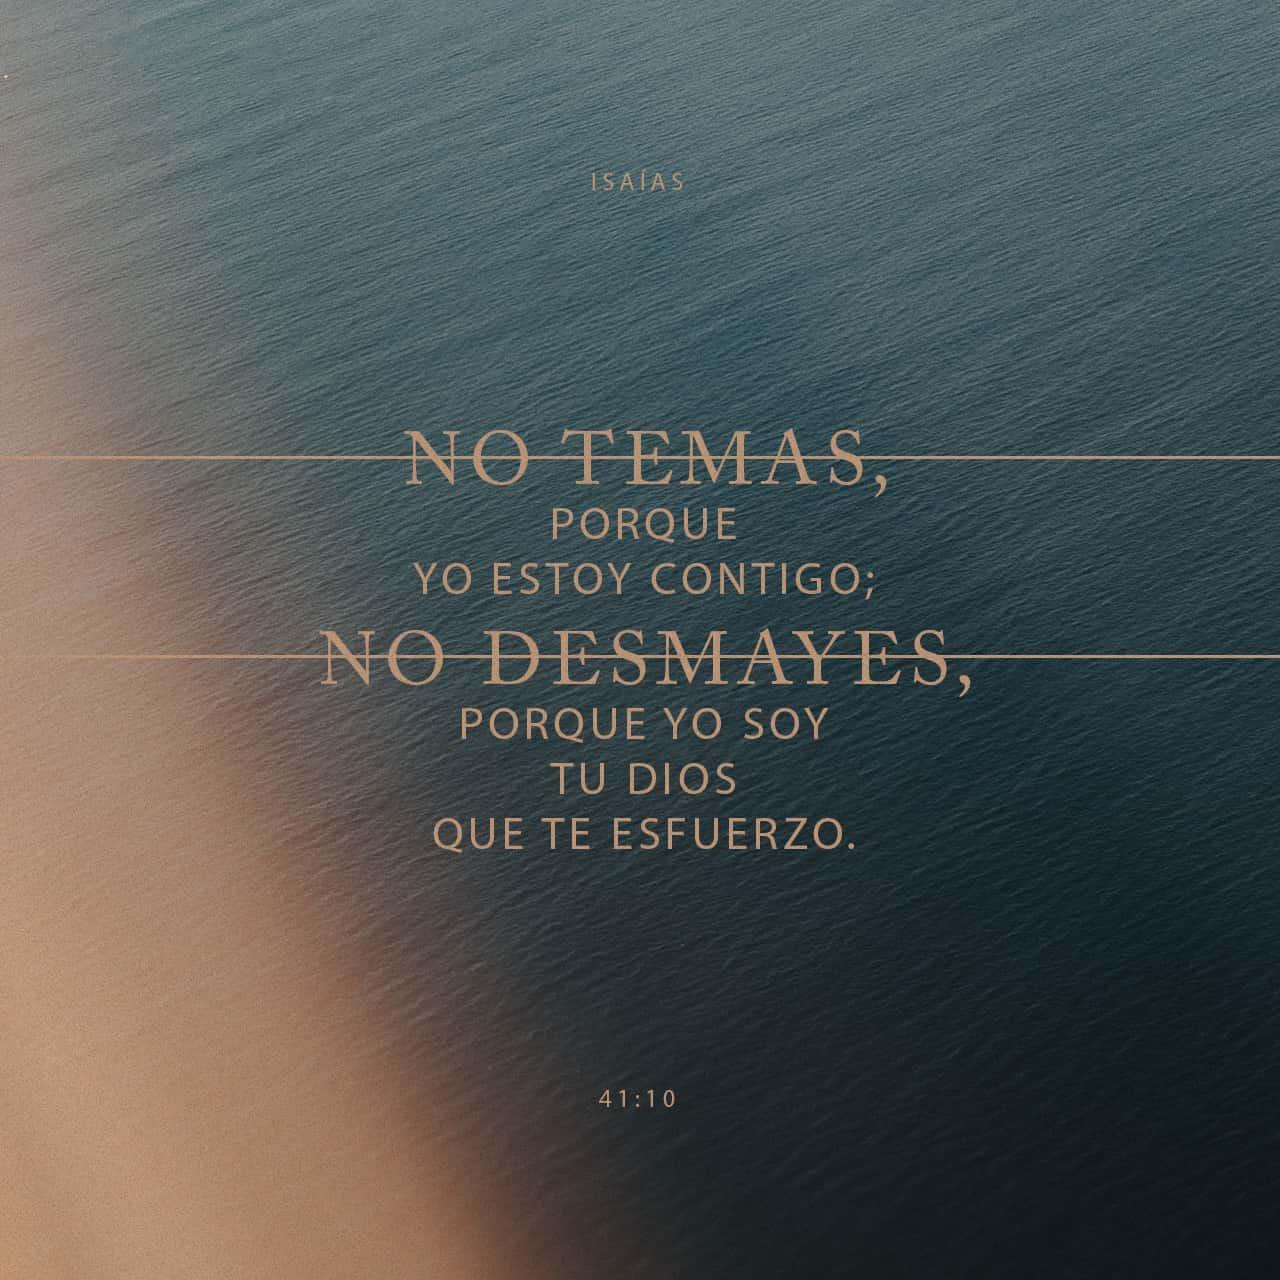 Así que no temas, porque yo estoy contigo; no te angusties porque yo soy tu Dios. - Isaías 41:10 - Imagen de Versículo